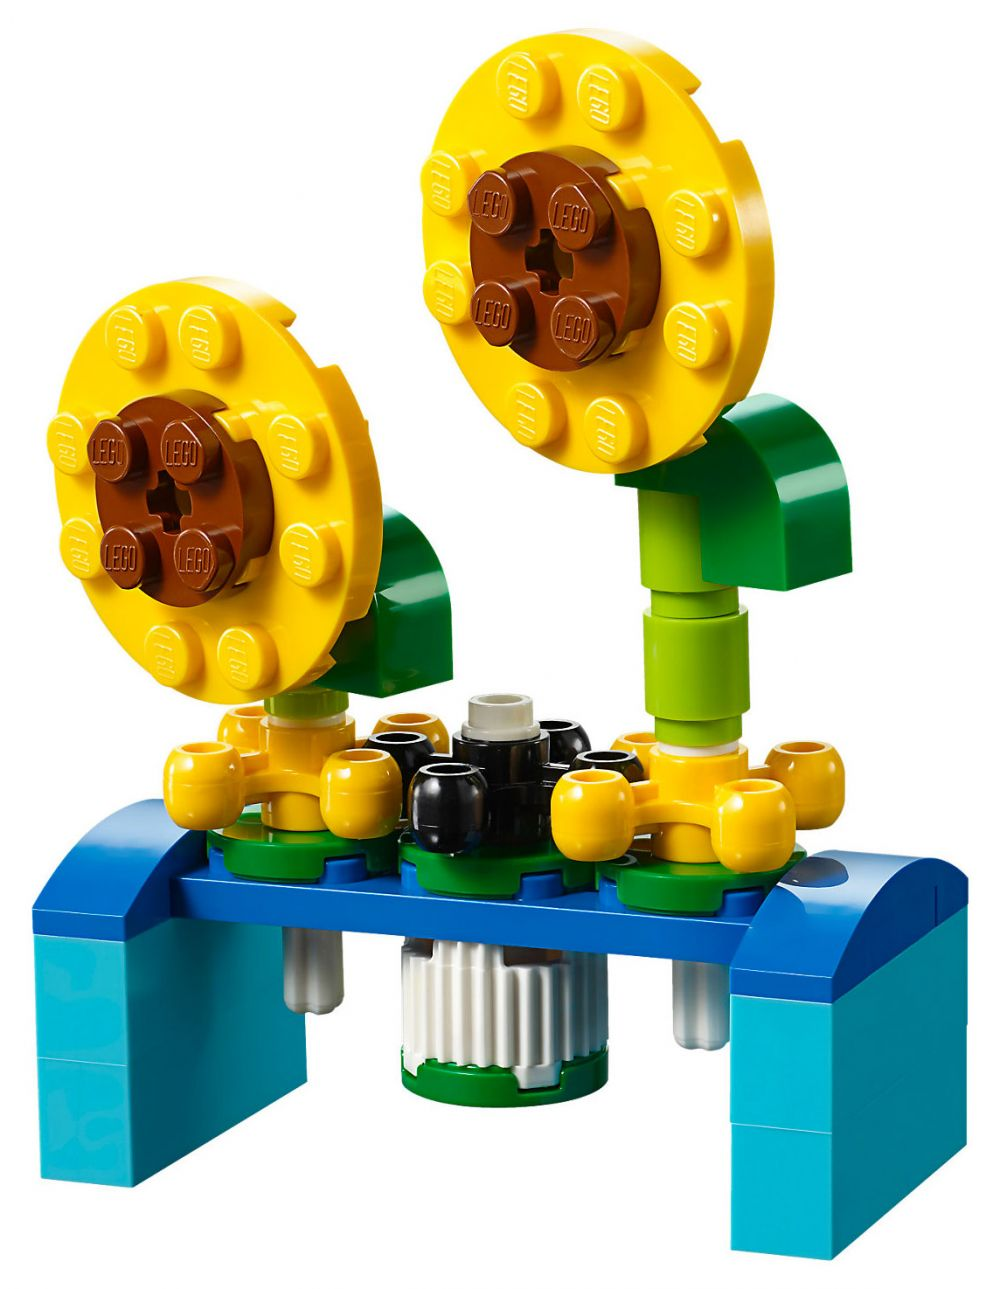 lego classic 10712 pas cher la bo te de briques et d 39 engrenages lego. Black Bedroom Furniture Sets. Home Design Ideas